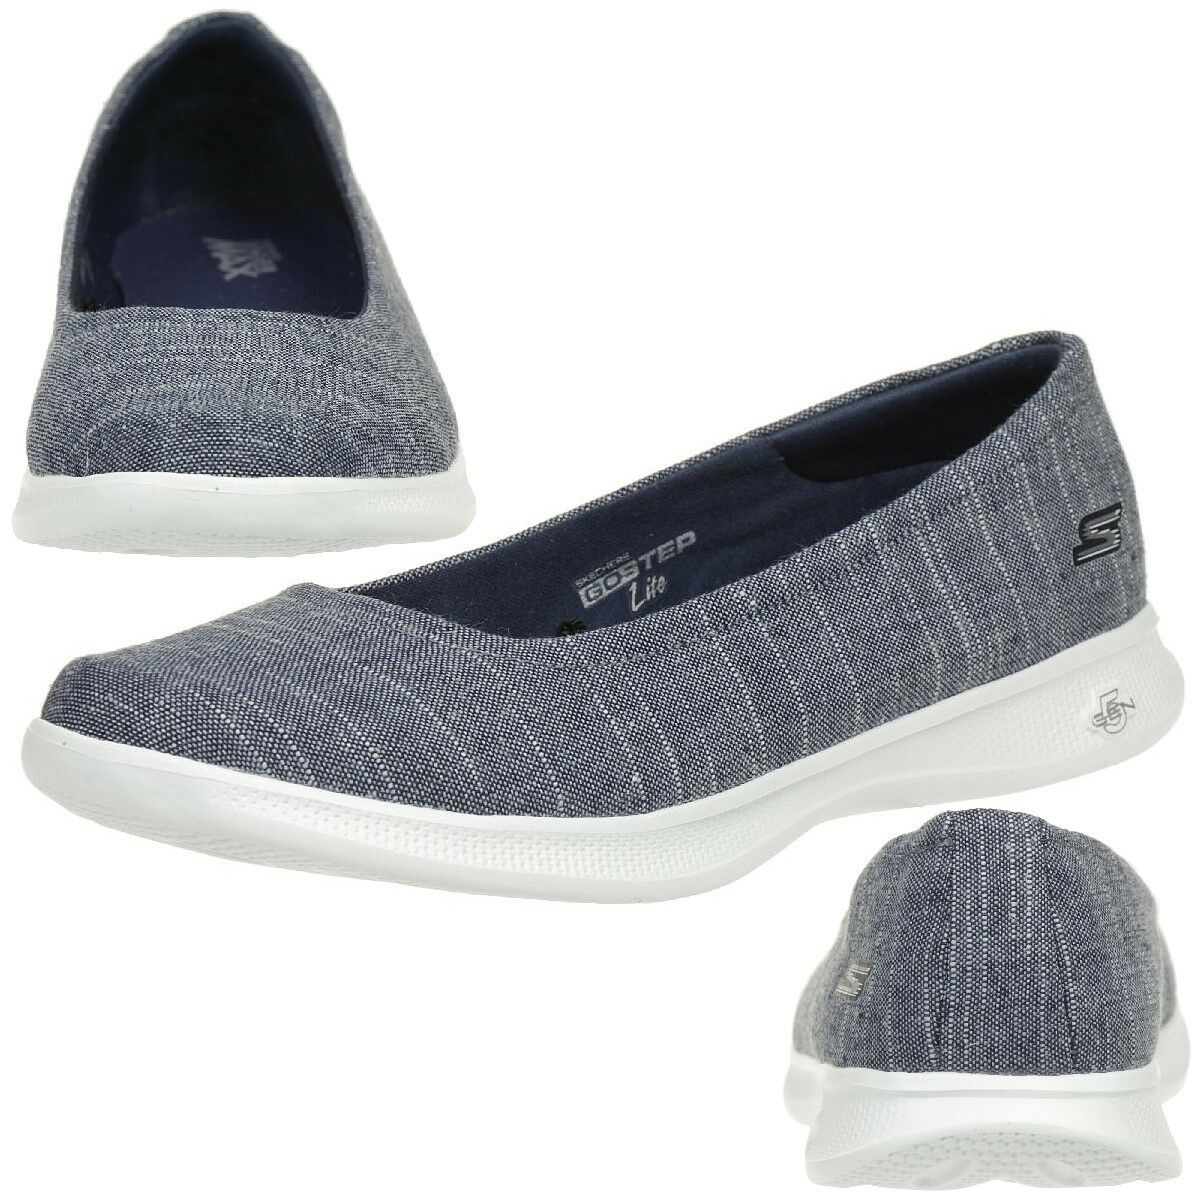 Los zapatos más populares para hombres y mujeres Descuento por tiempo limitado SKECHERS GO STEP Lite BLUSH mujer Zapatos De Verano Sin Cordones Mocasines nvw